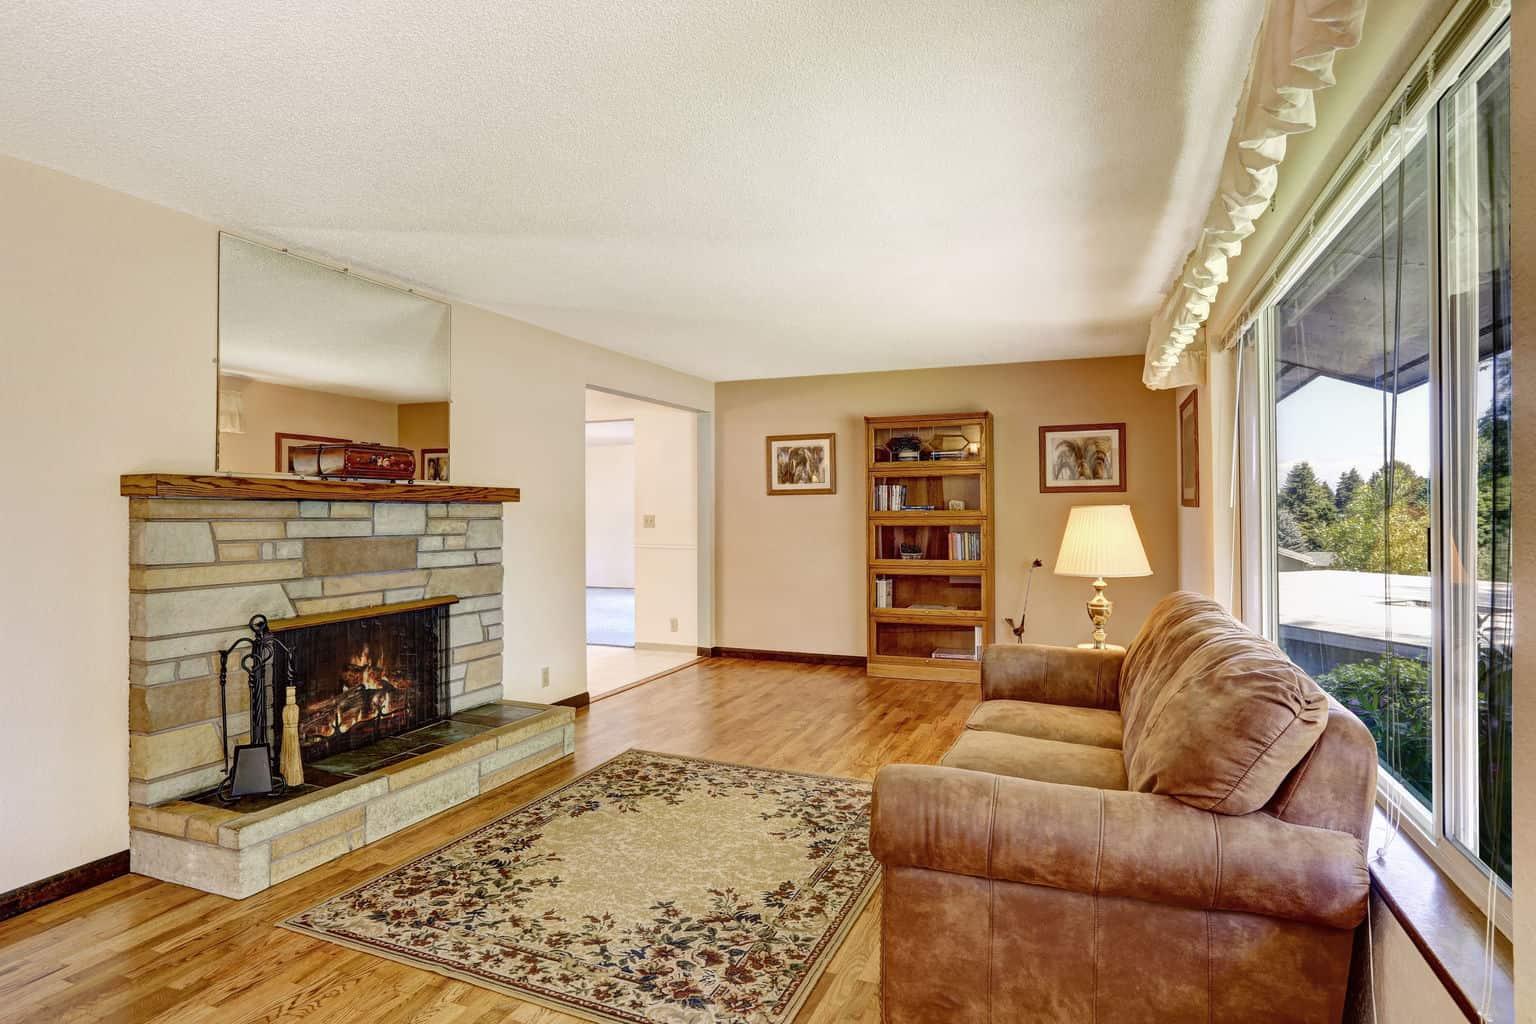 10 cheap flooring ideas